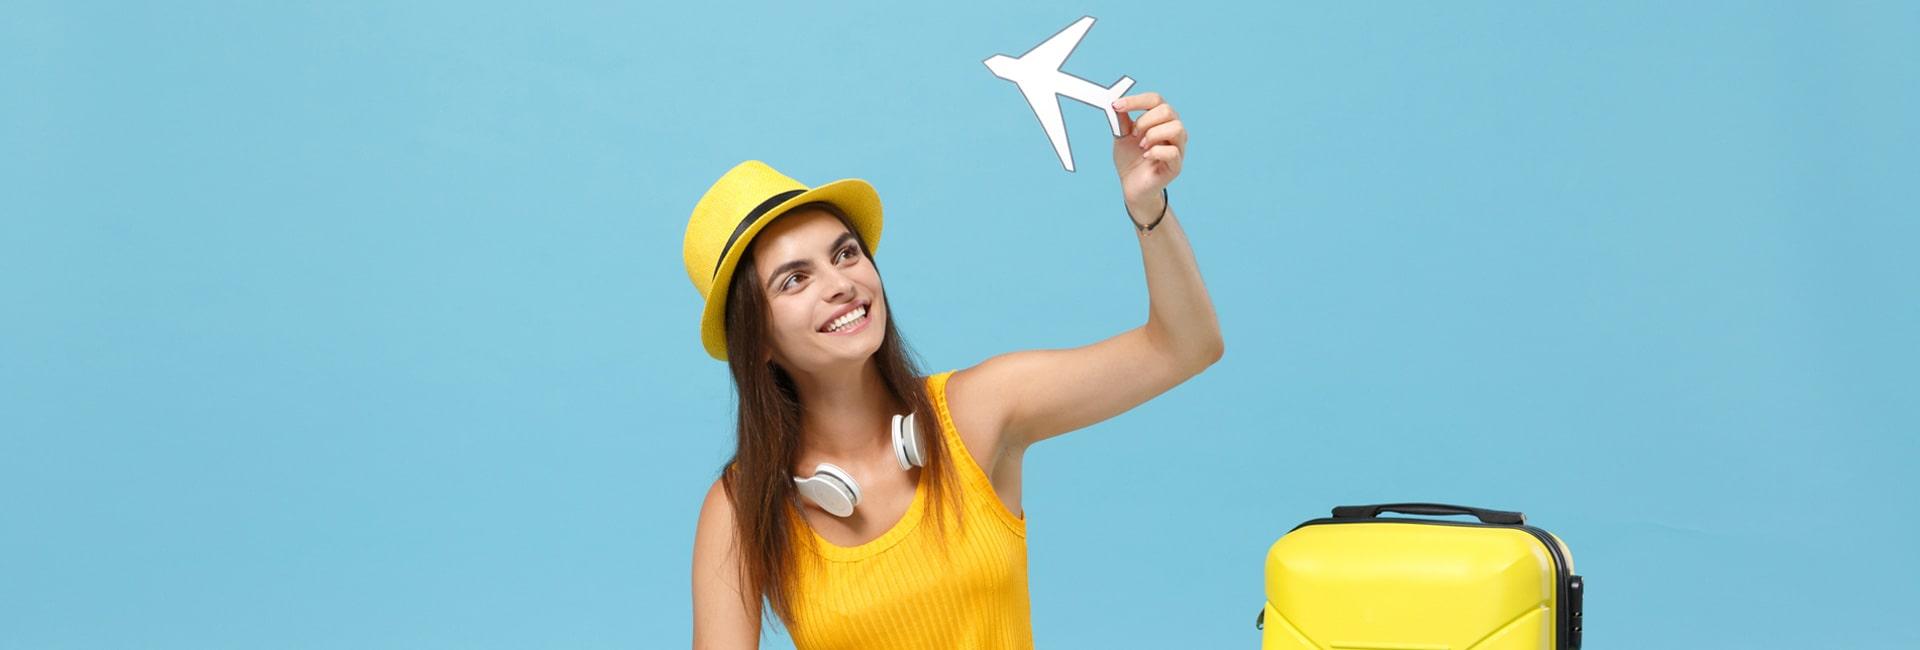 Relaunch of flights to puerto vallarta